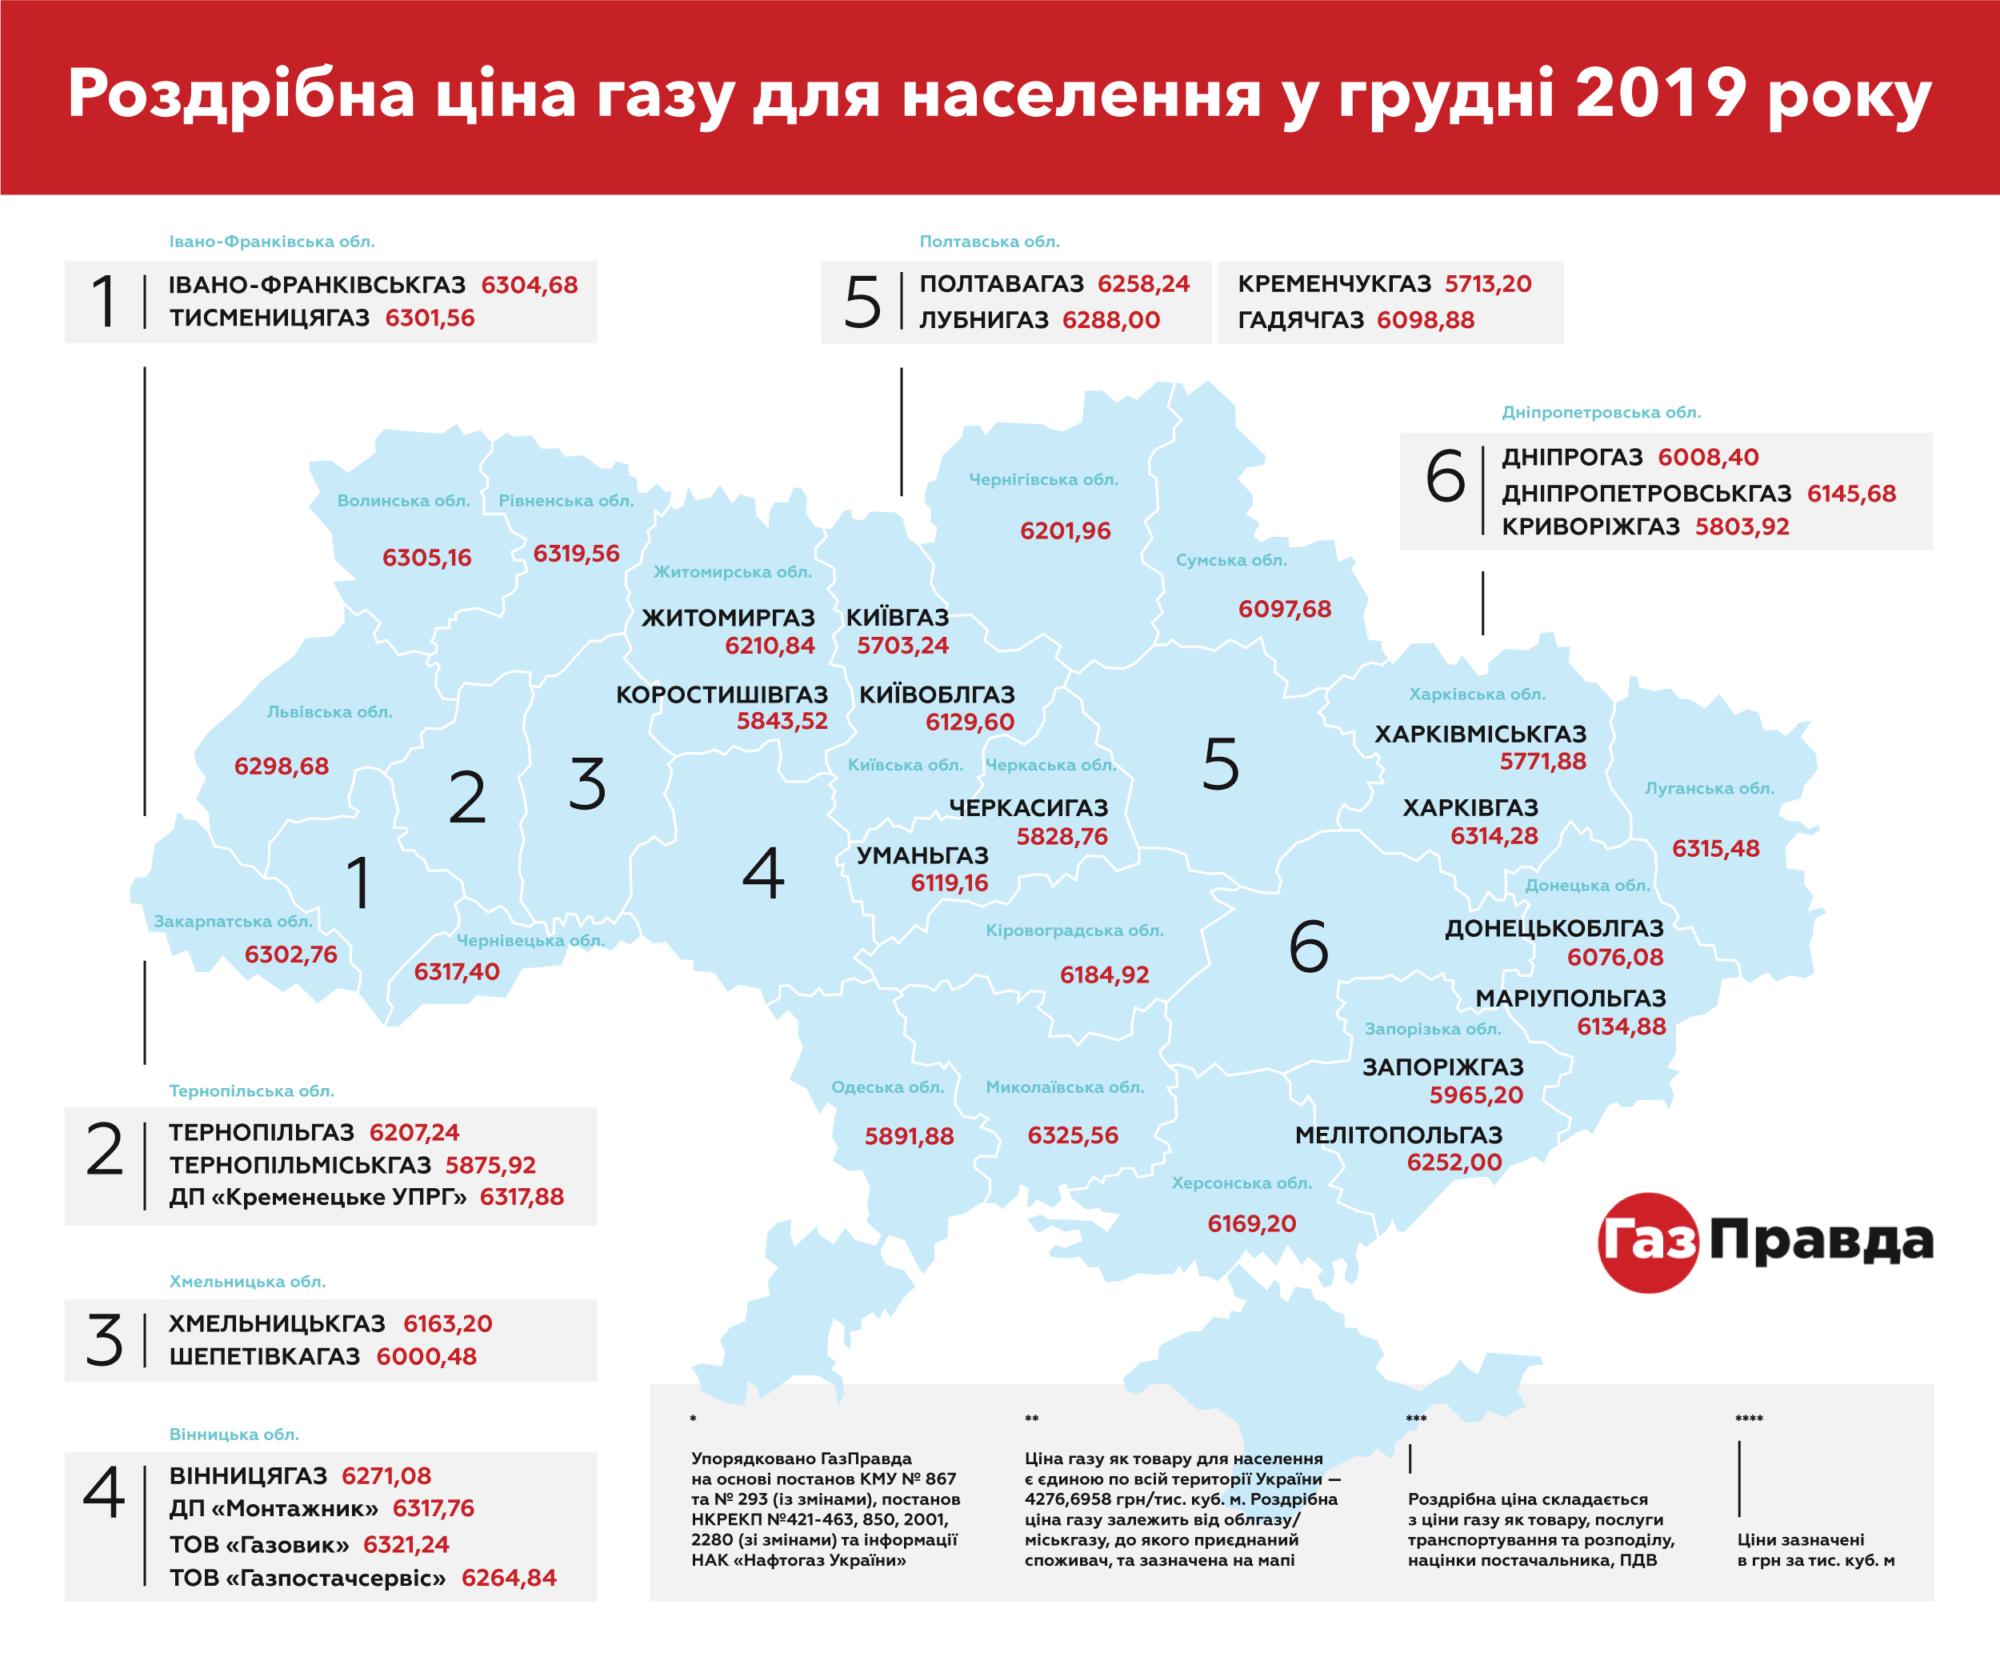 Газ у грудні коштуватиме дешевше, ніж у листопаді - Україна, київщина - 1212 Gaz karta 2000x1665